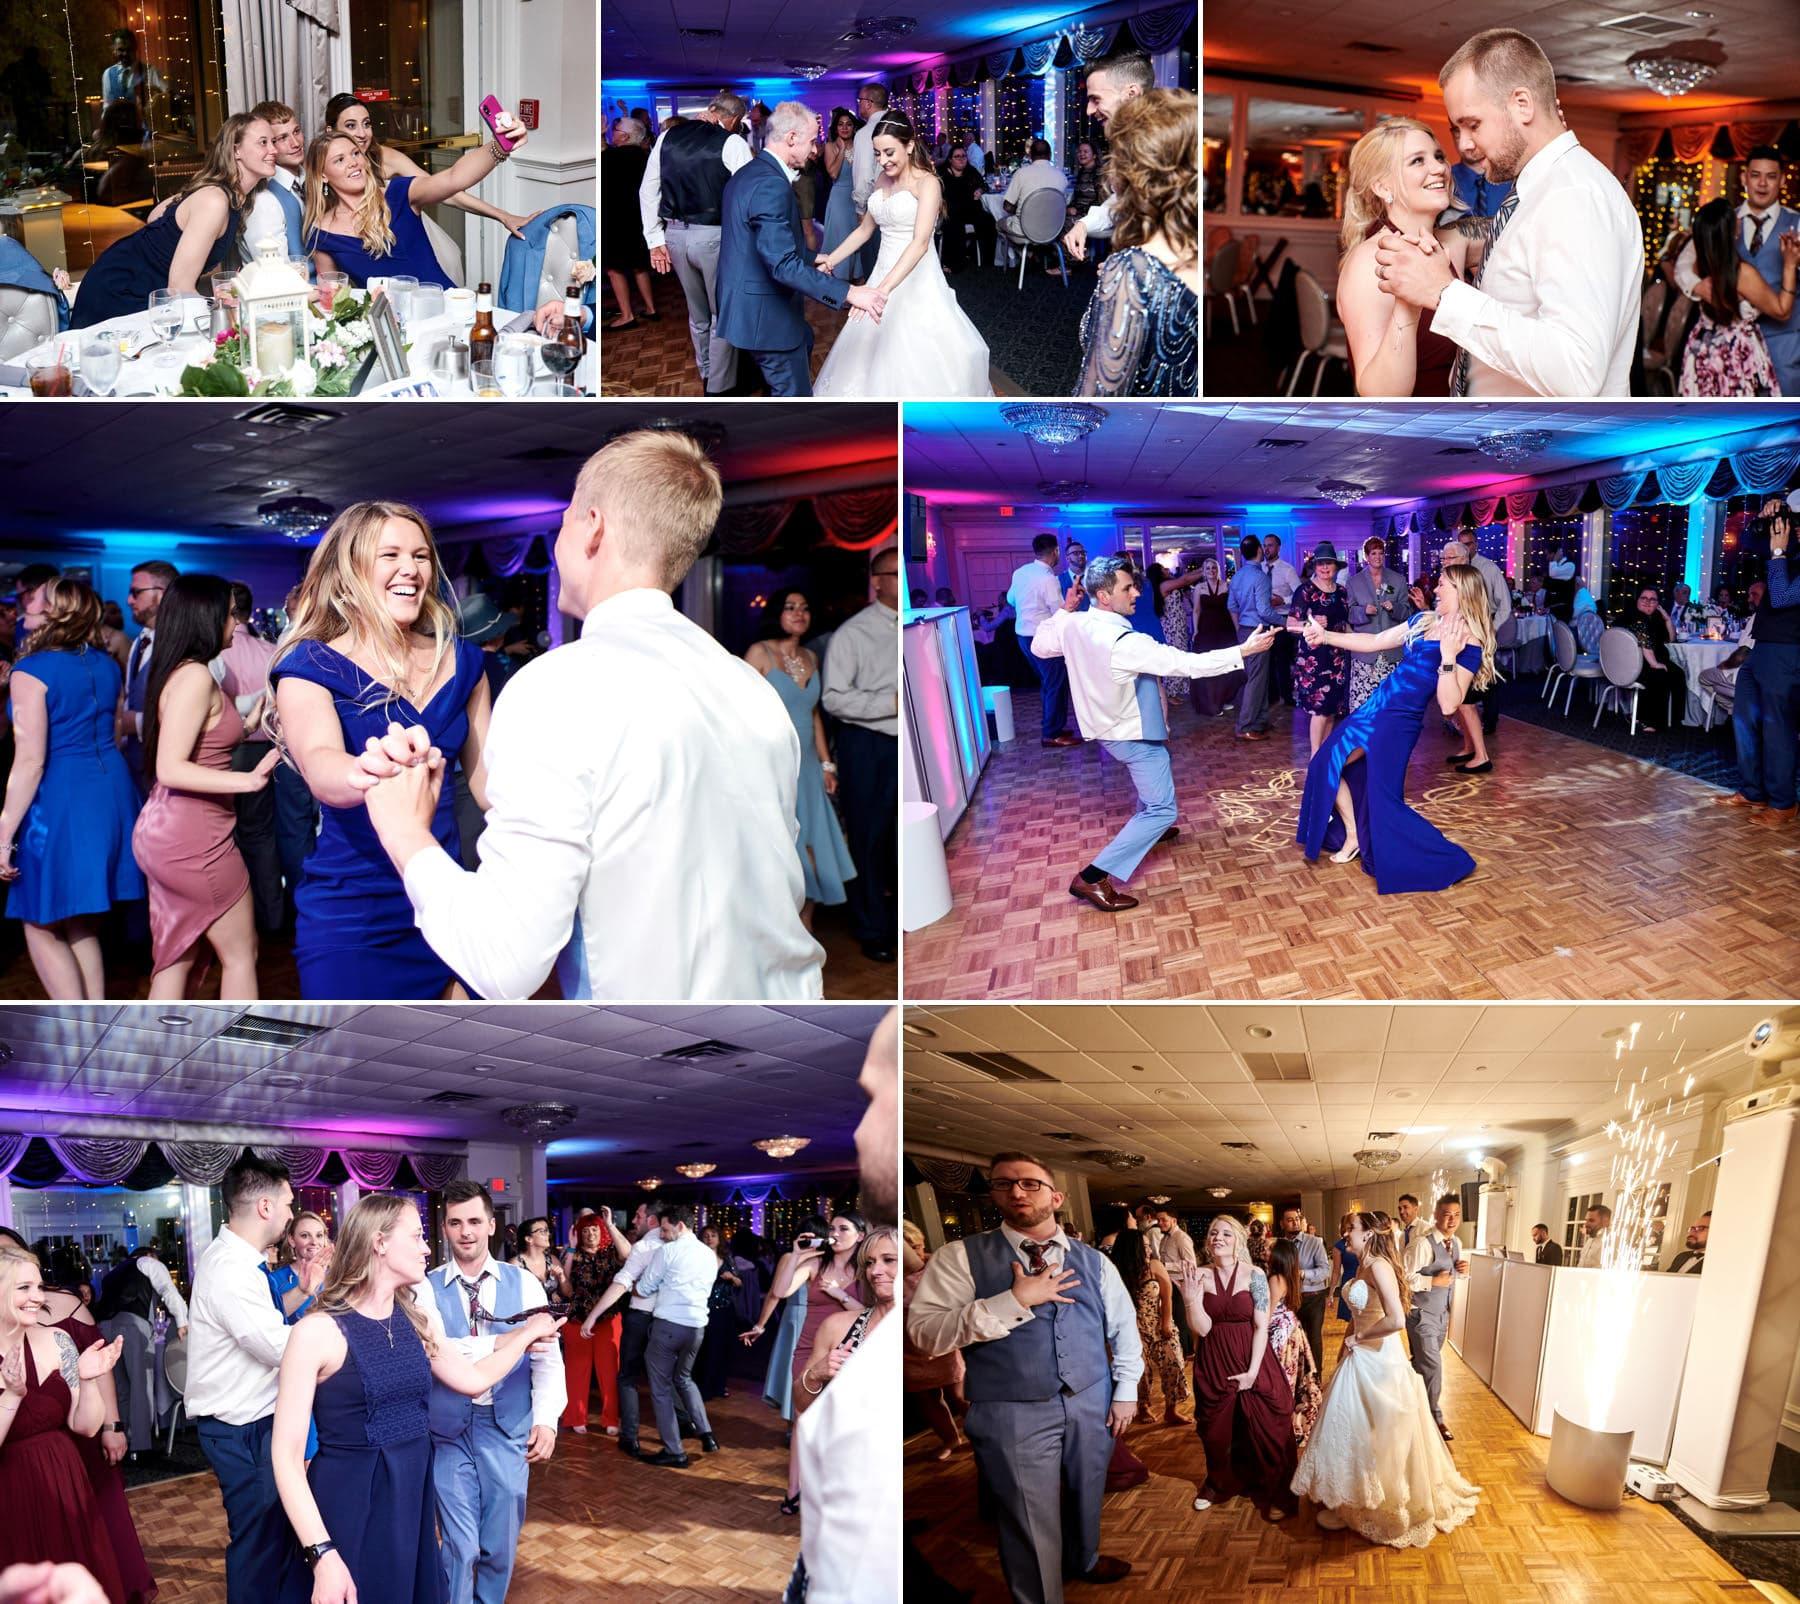 basking ridge country club wedding dancing photos